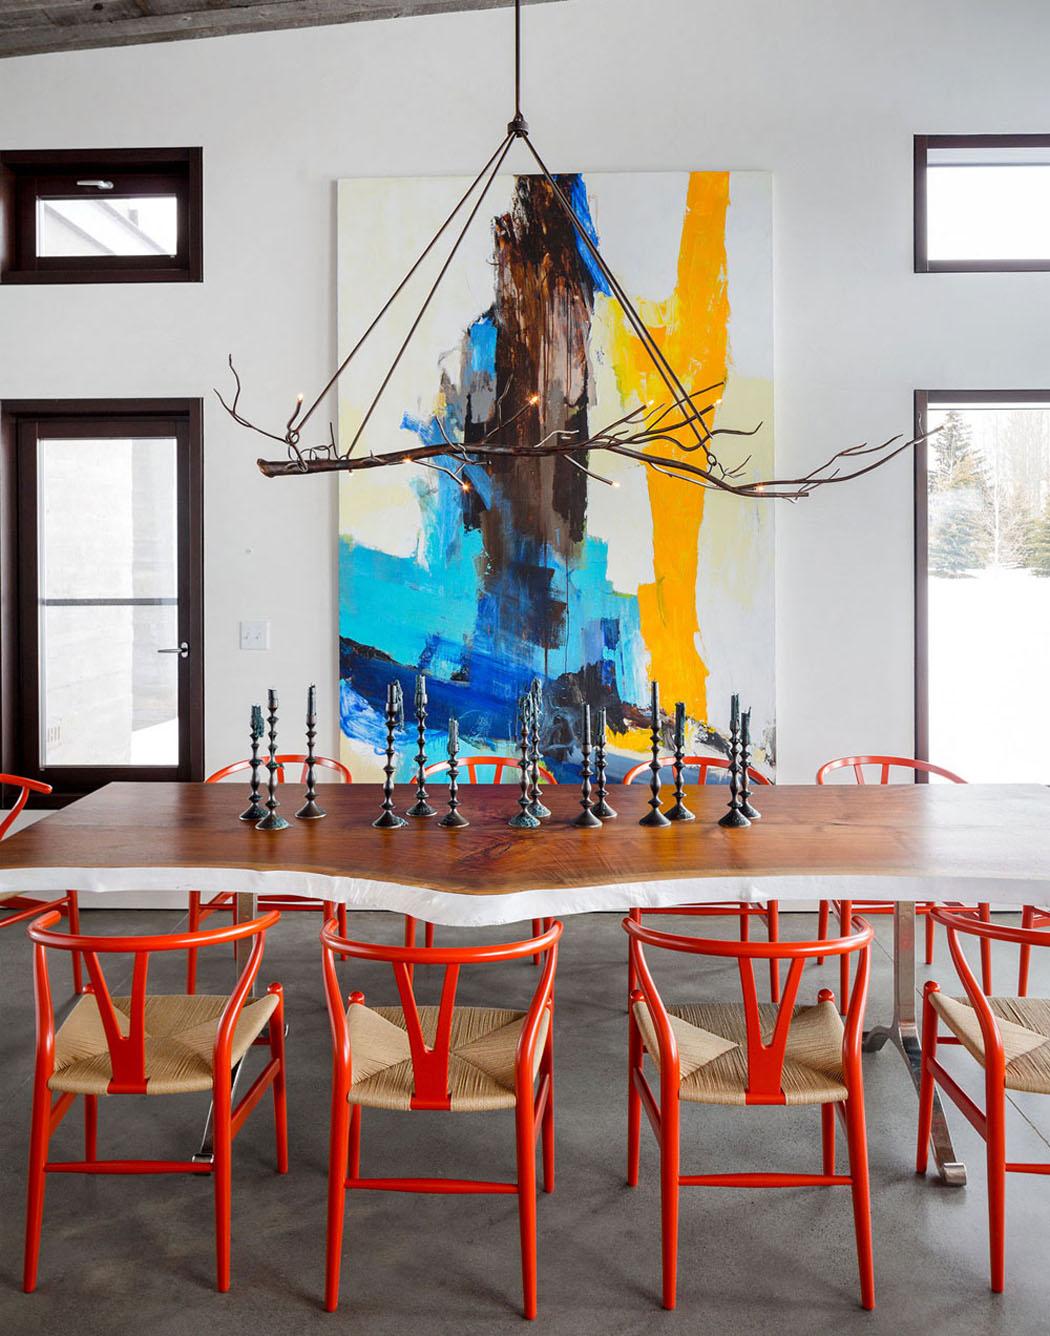 #BE210D Une Maison Rustique Modernisée Dans L'esprit éclectique  3913 salle à manger style art déco 1050x1336 px @ aertt.com